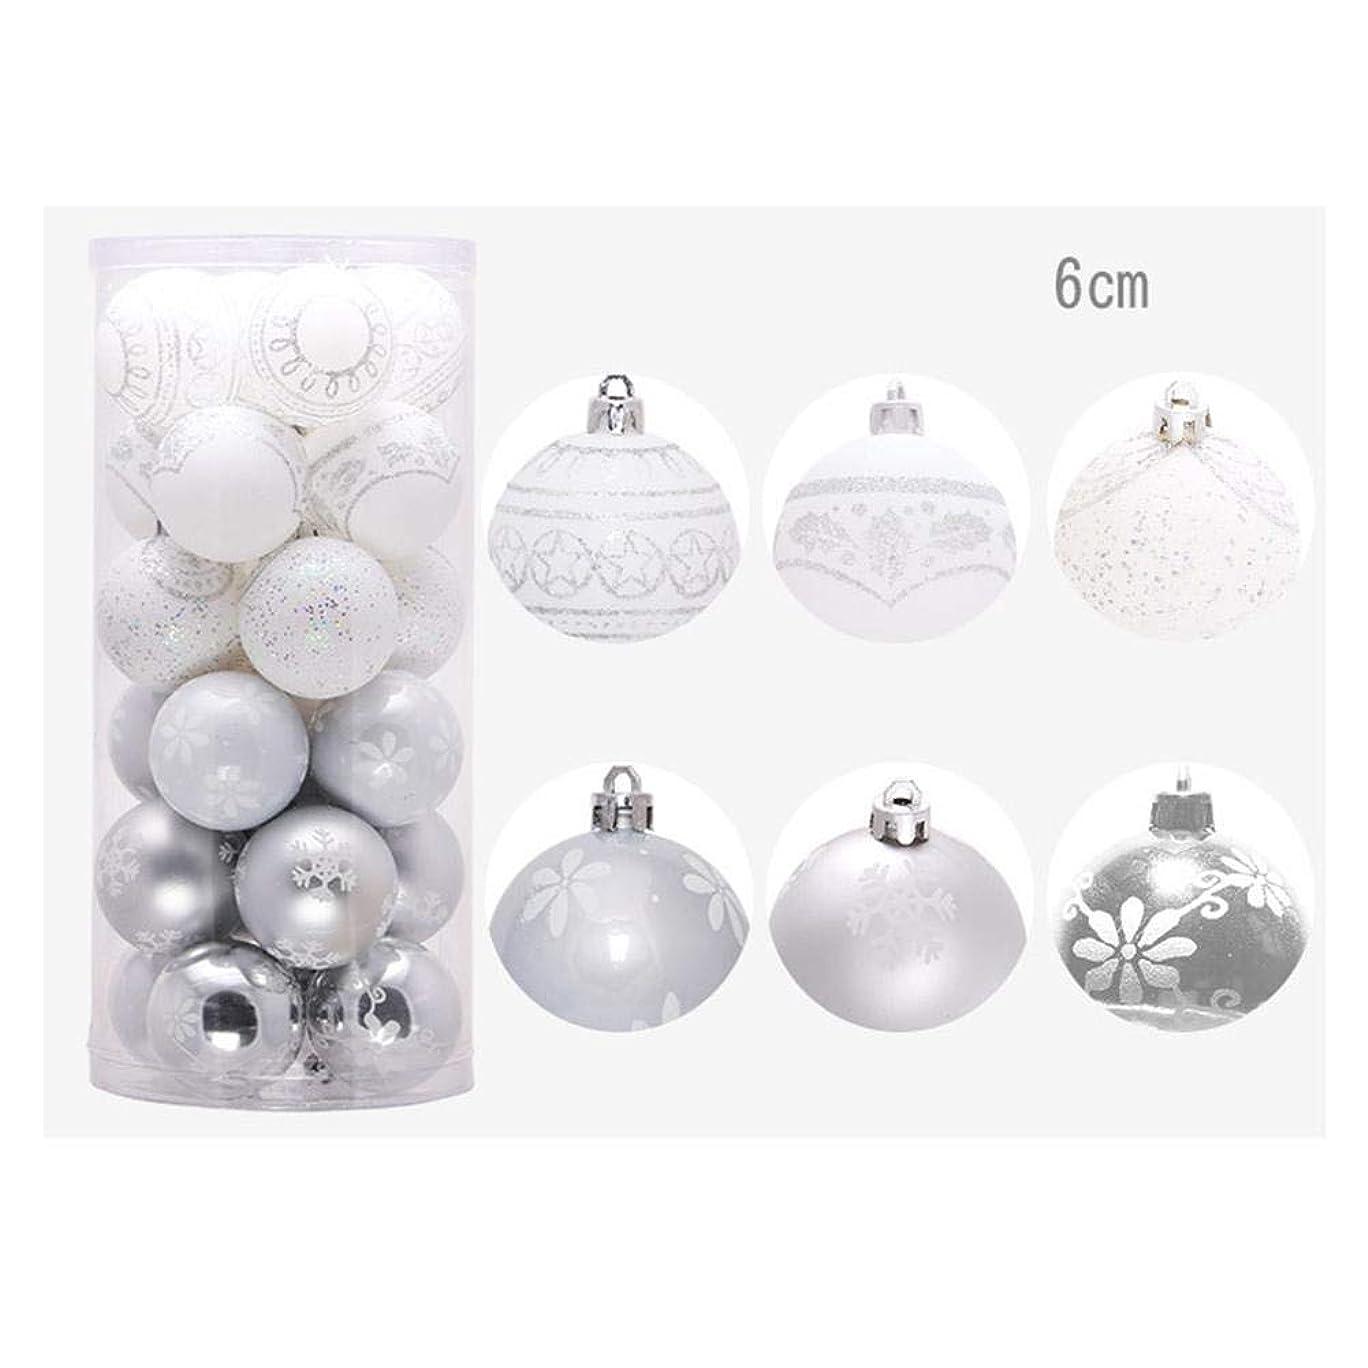 修正するおなじみの密接にクリスマスツリー オーナメント クリスマスボール 24個入り 装飾ボール 北欧 クリスマス装飾 可愛い おしゃれ クリスマスツリー飾り デコレーションボール hjuns-Wu